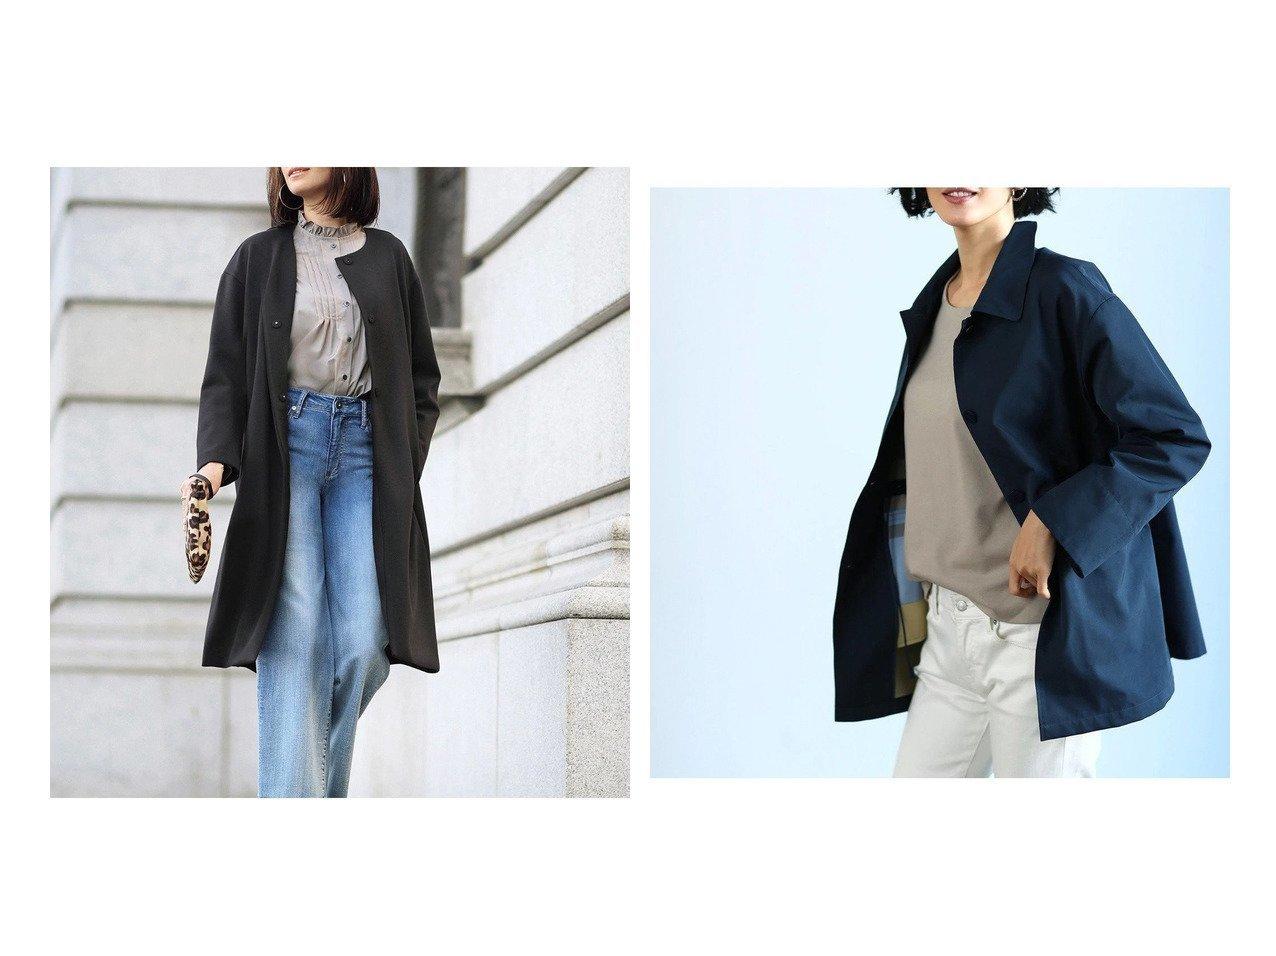 【DoCLASSE/ドゥクラッセ】のシャインストレッチ・ノーカラーコート&二重織メモリー・ショートコート ドゥクラッセの40代、50代の方におすすめ!人気トレンド・ファッションの通販 おすすめで人気の流行・トレンド、ファッションの通販商品 メンズファッション・キッズファッション・インテリア・家具・レディースファッション・服の通販 founy(ファニー) https://founy.com/ ファッション Fashion レディースファッション WOMEN アウター Coat Outerwear コート Coats ショート ダブル フェイス なめらか シンプル ジャージー フェミニン 洗える |ID:crp329100000021636